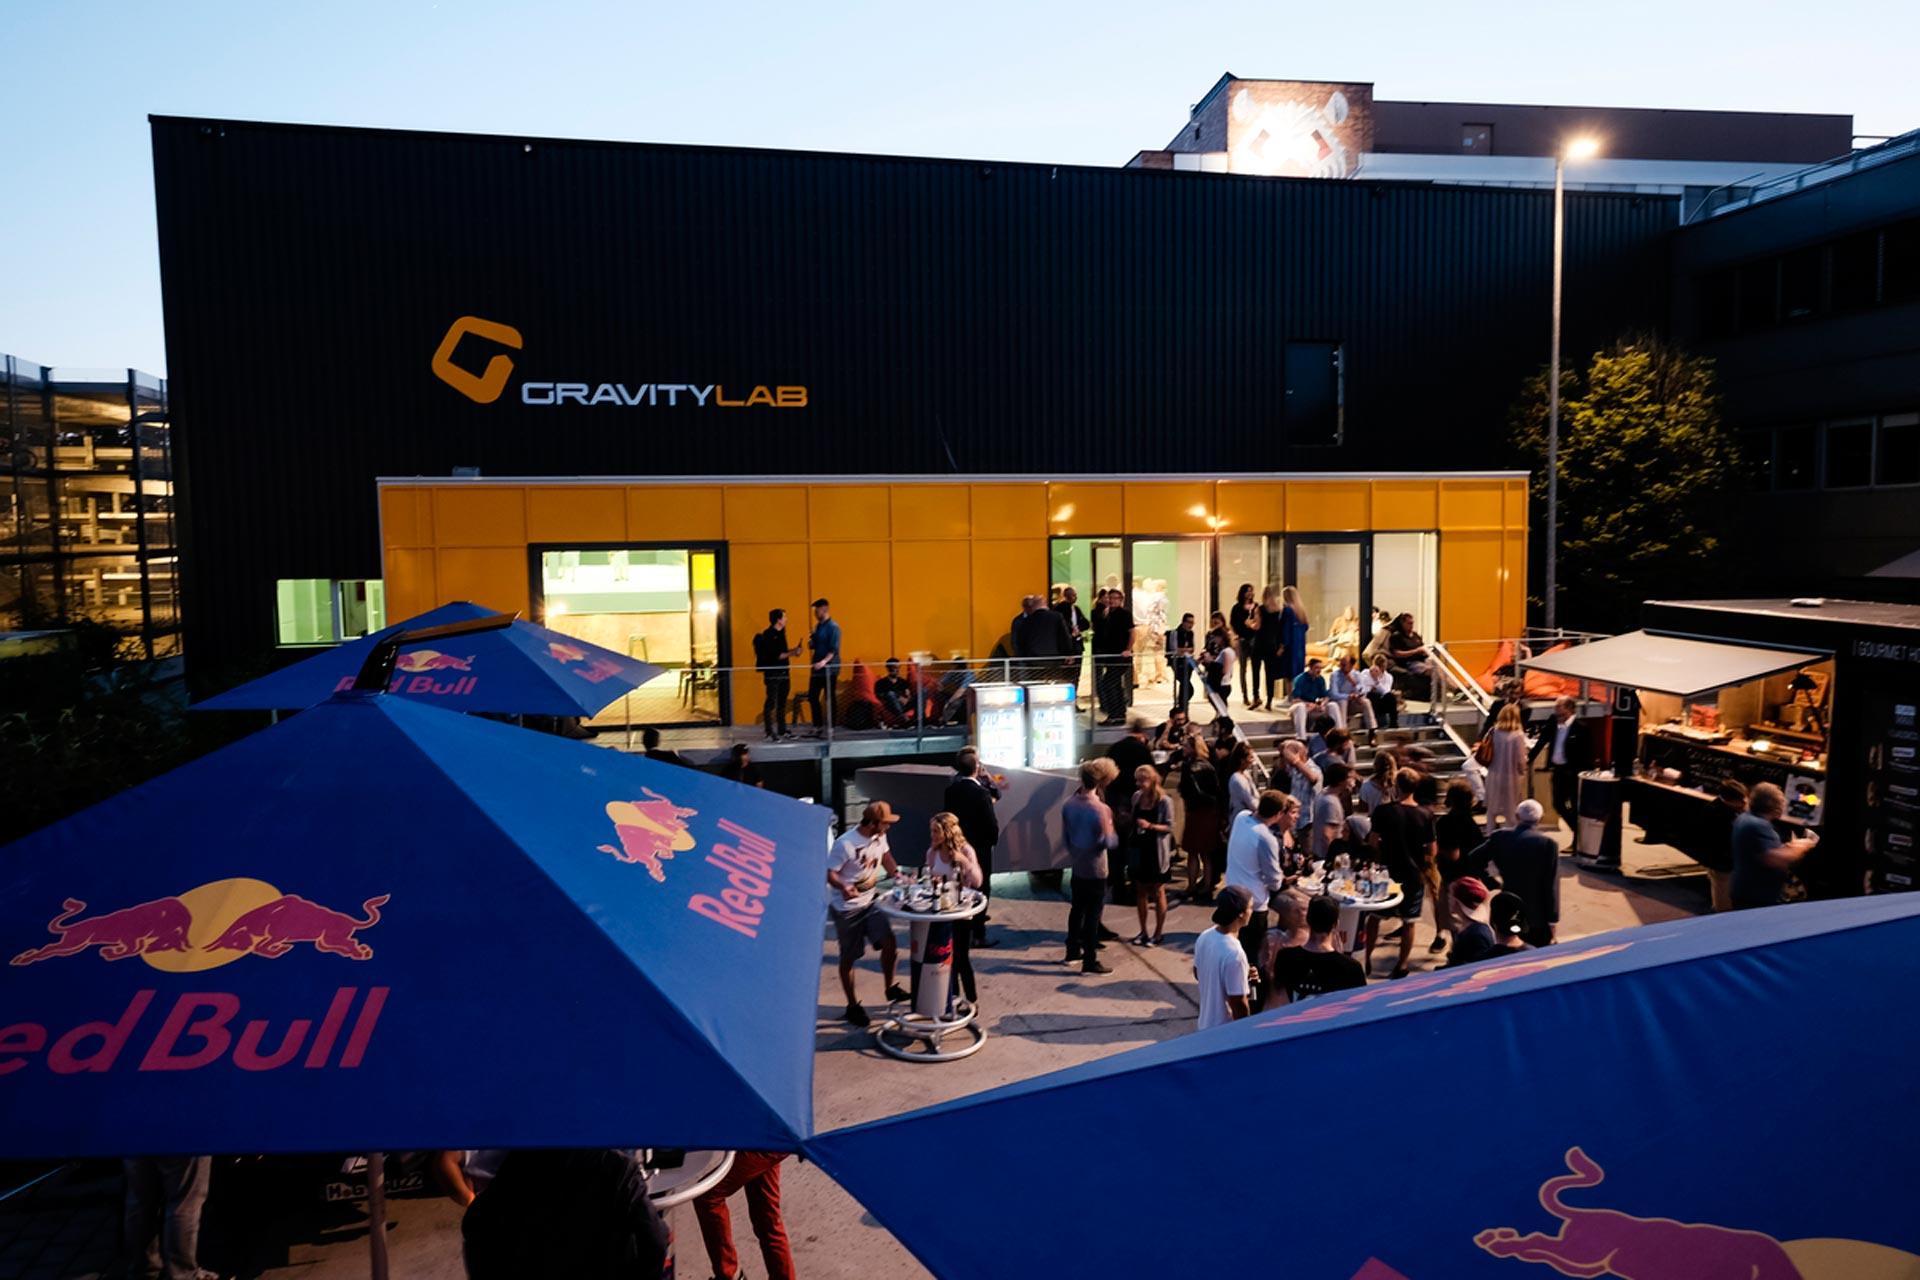 Sieht nicht nur von innen schick aus. Das GravityLab bietet alles, was das Freestyle Herz begehrt.